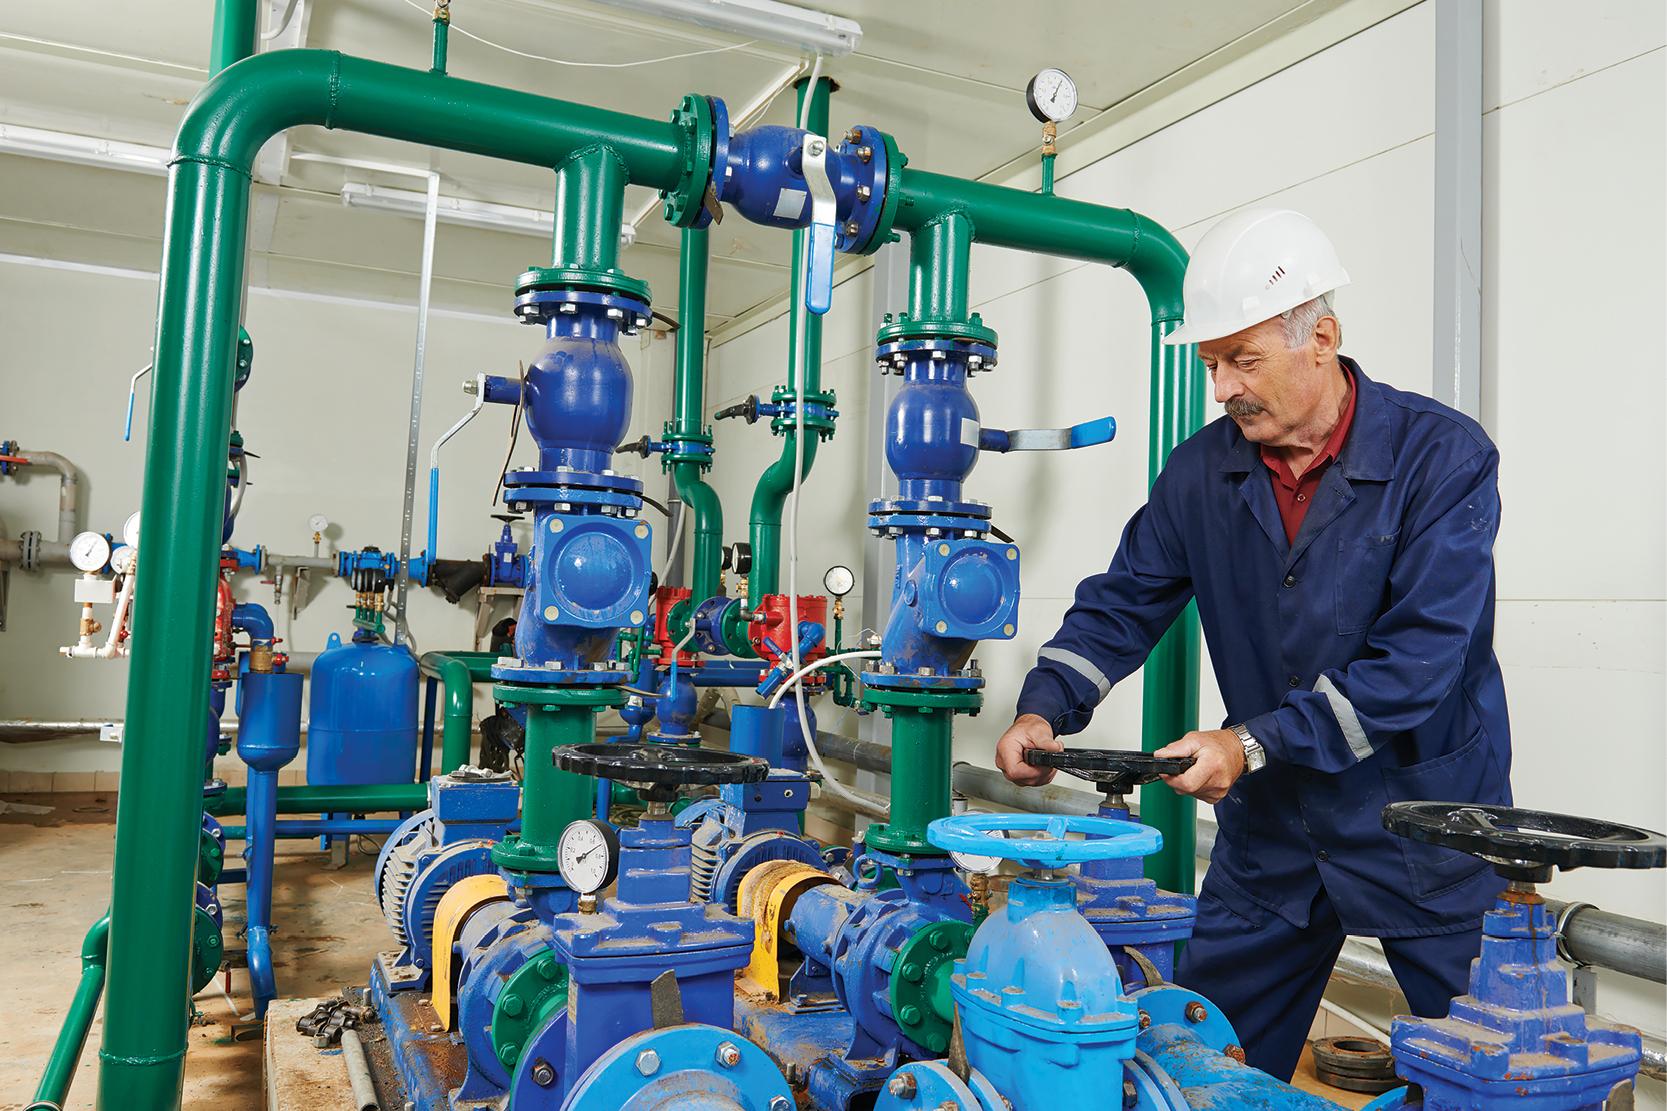 Equipos-Tratamiento-de-Aguas-Municipales-Mineras-Industriales-3.jpg